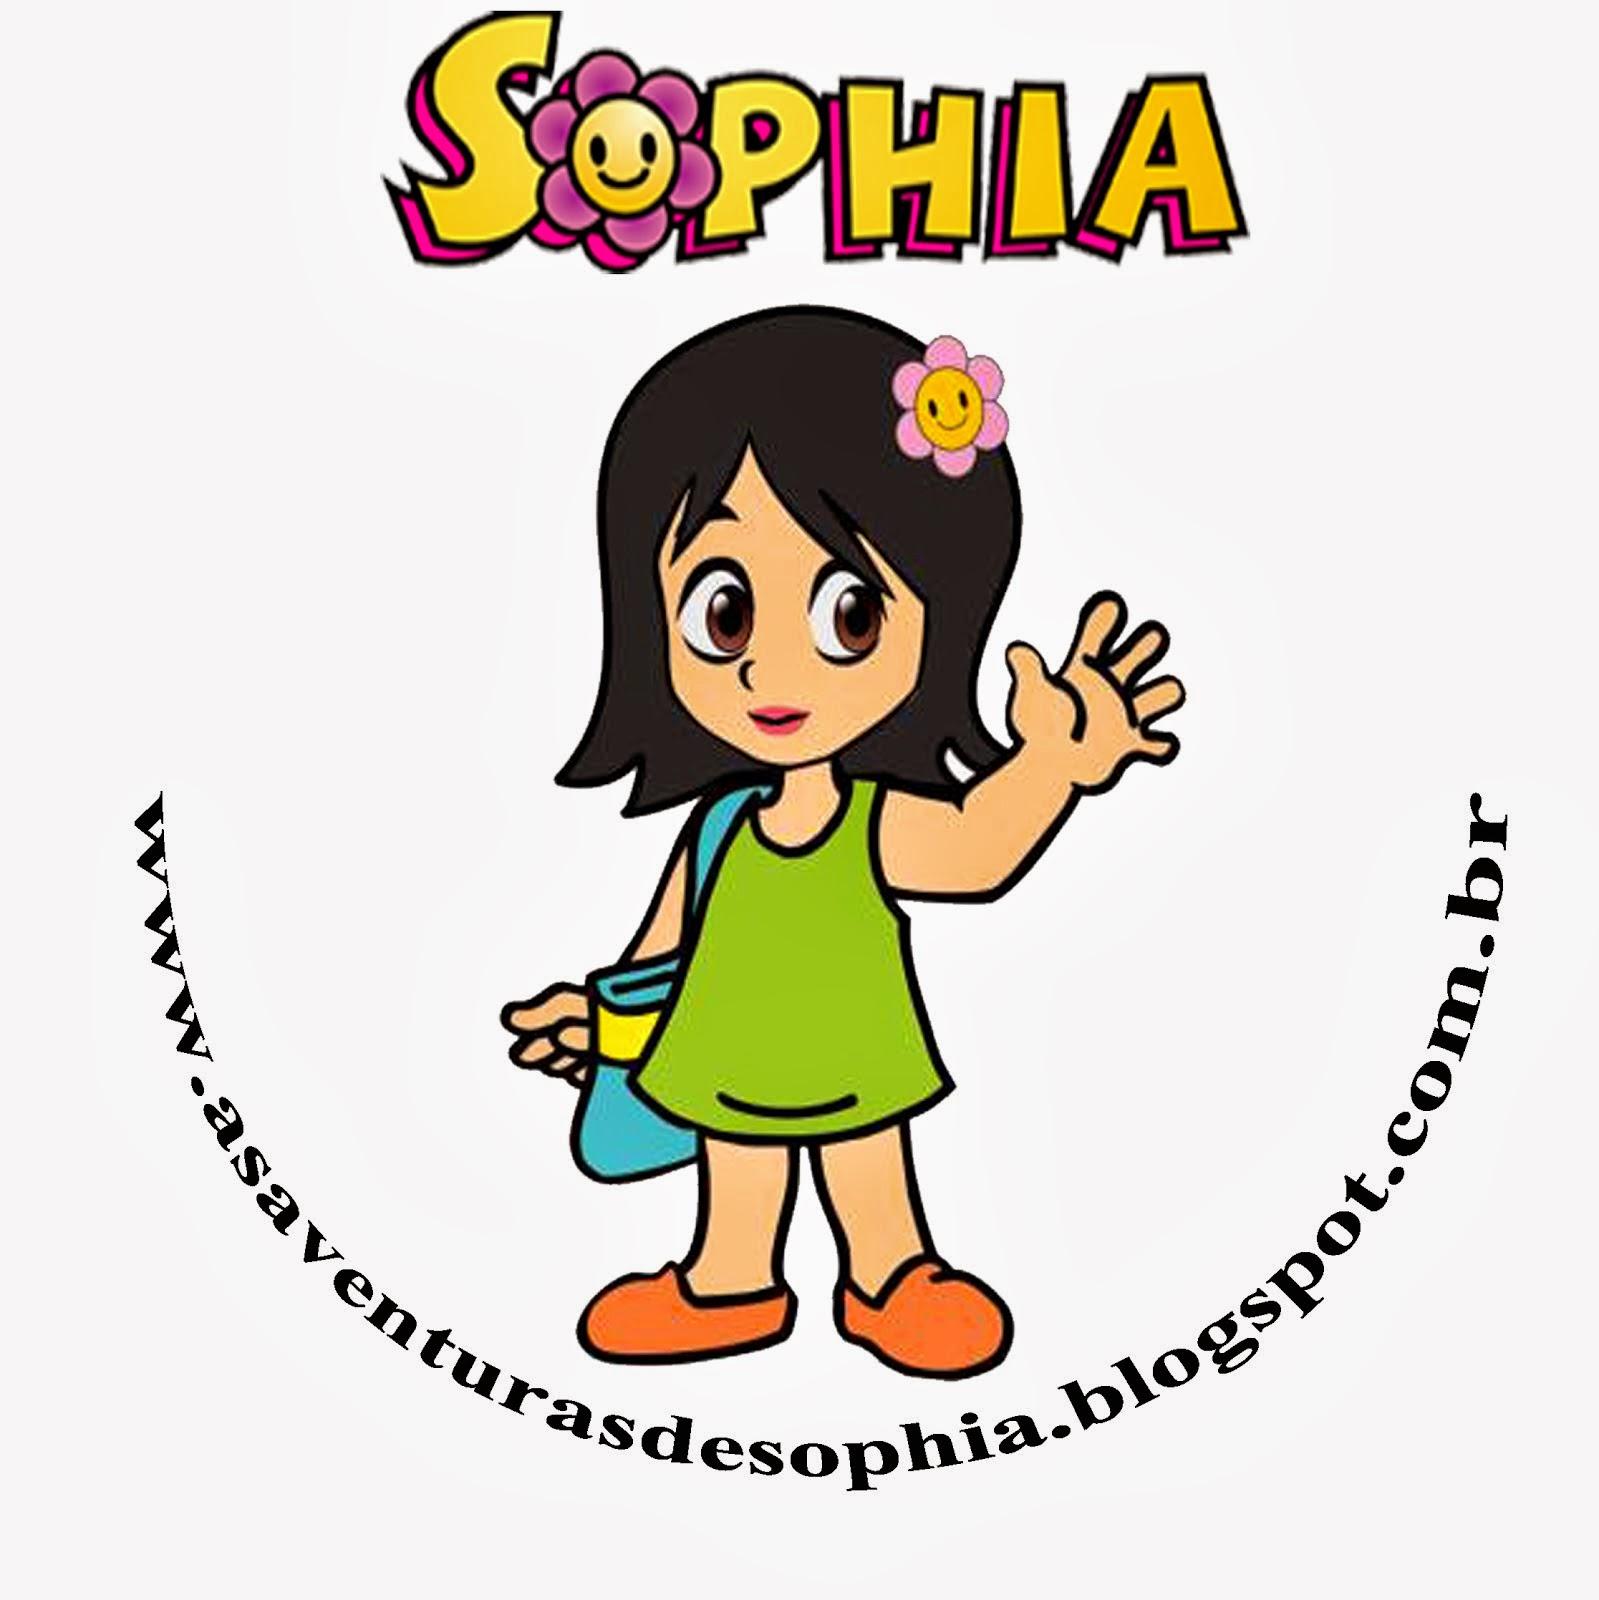 SOPHIA - A PENSADORA